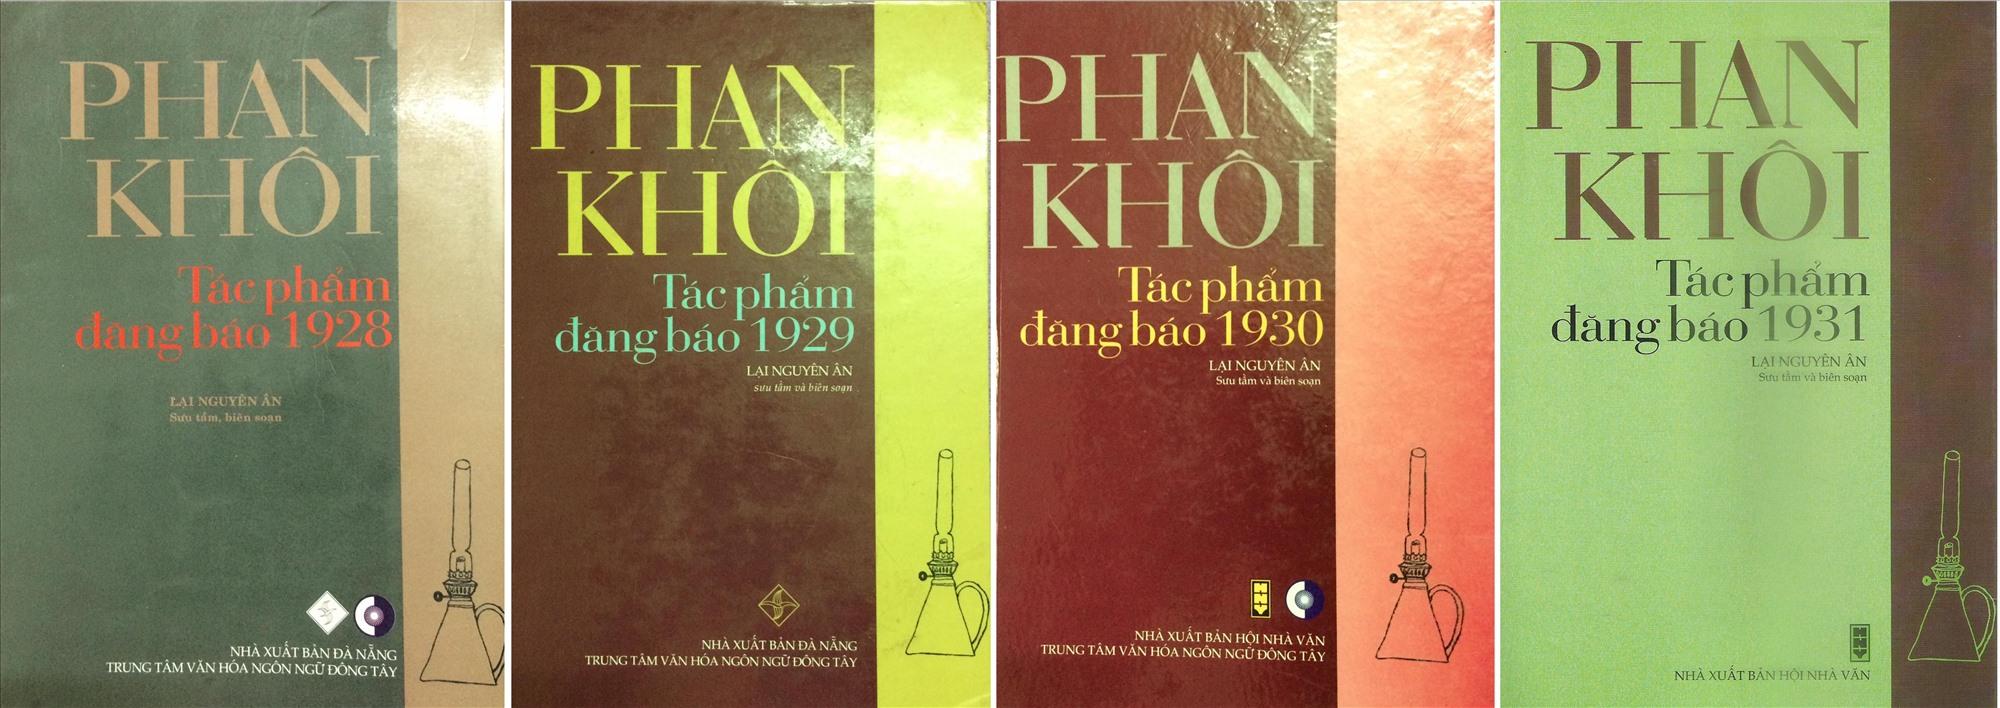 Một vài cuốn trong bộ sách Phan Khôi - Tác phẩm đăng báo do nhà nghiên cứu Lại Nguyên Ân thực hiện.